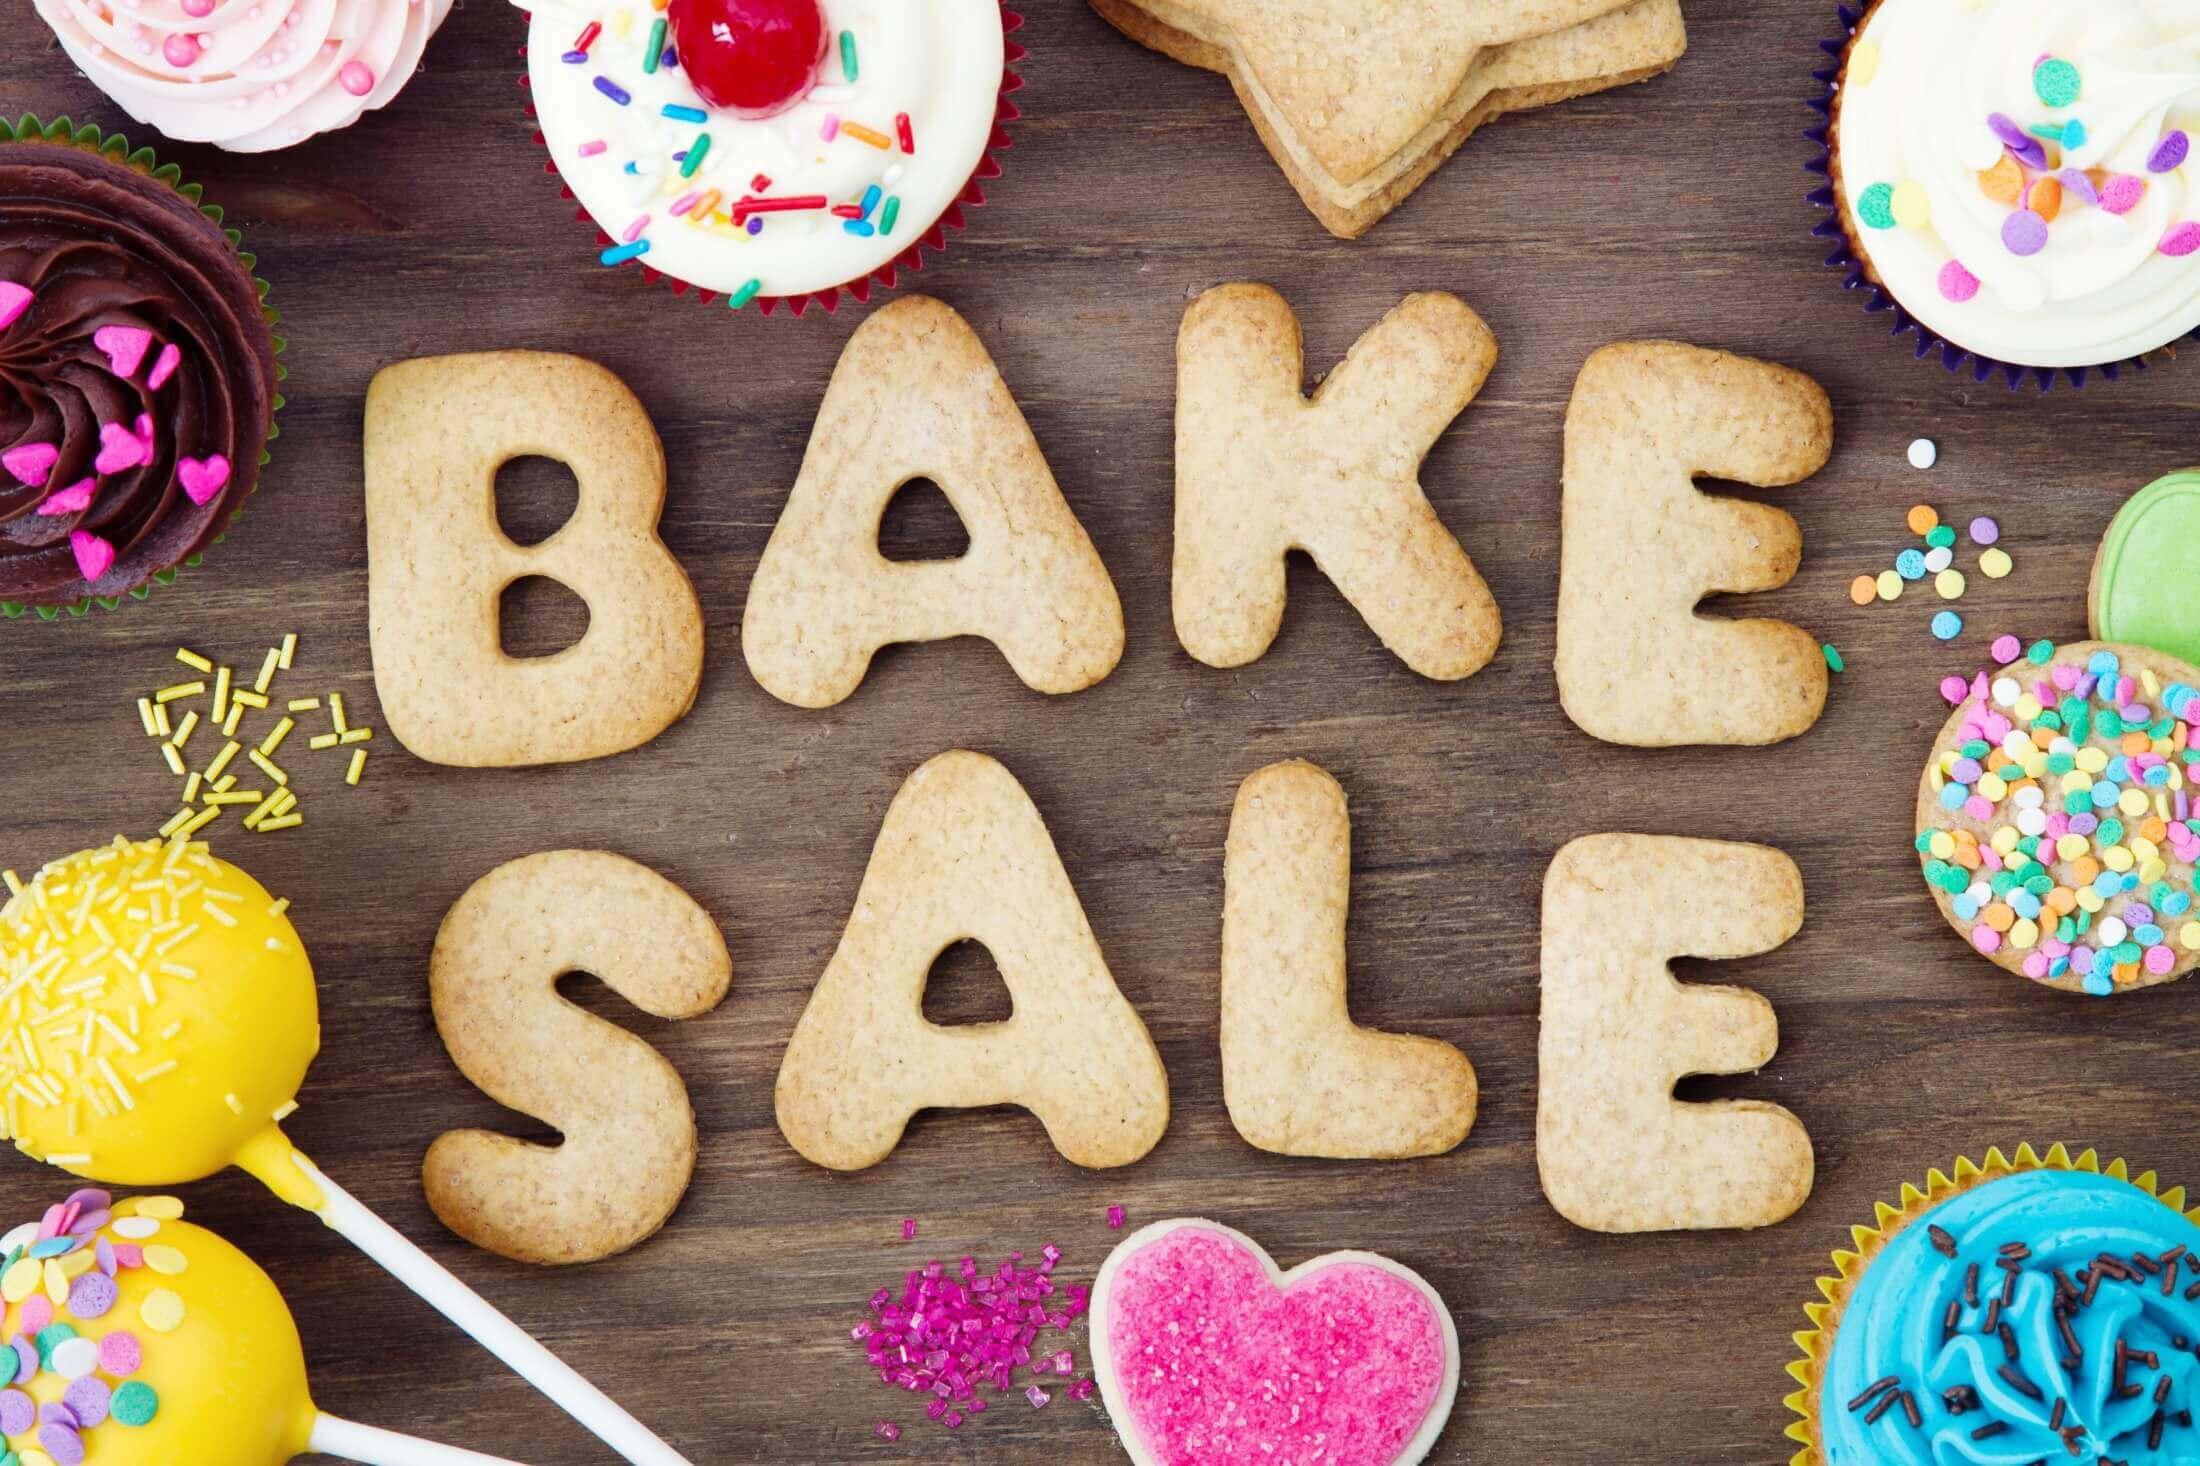 bake-sale-fundraiser